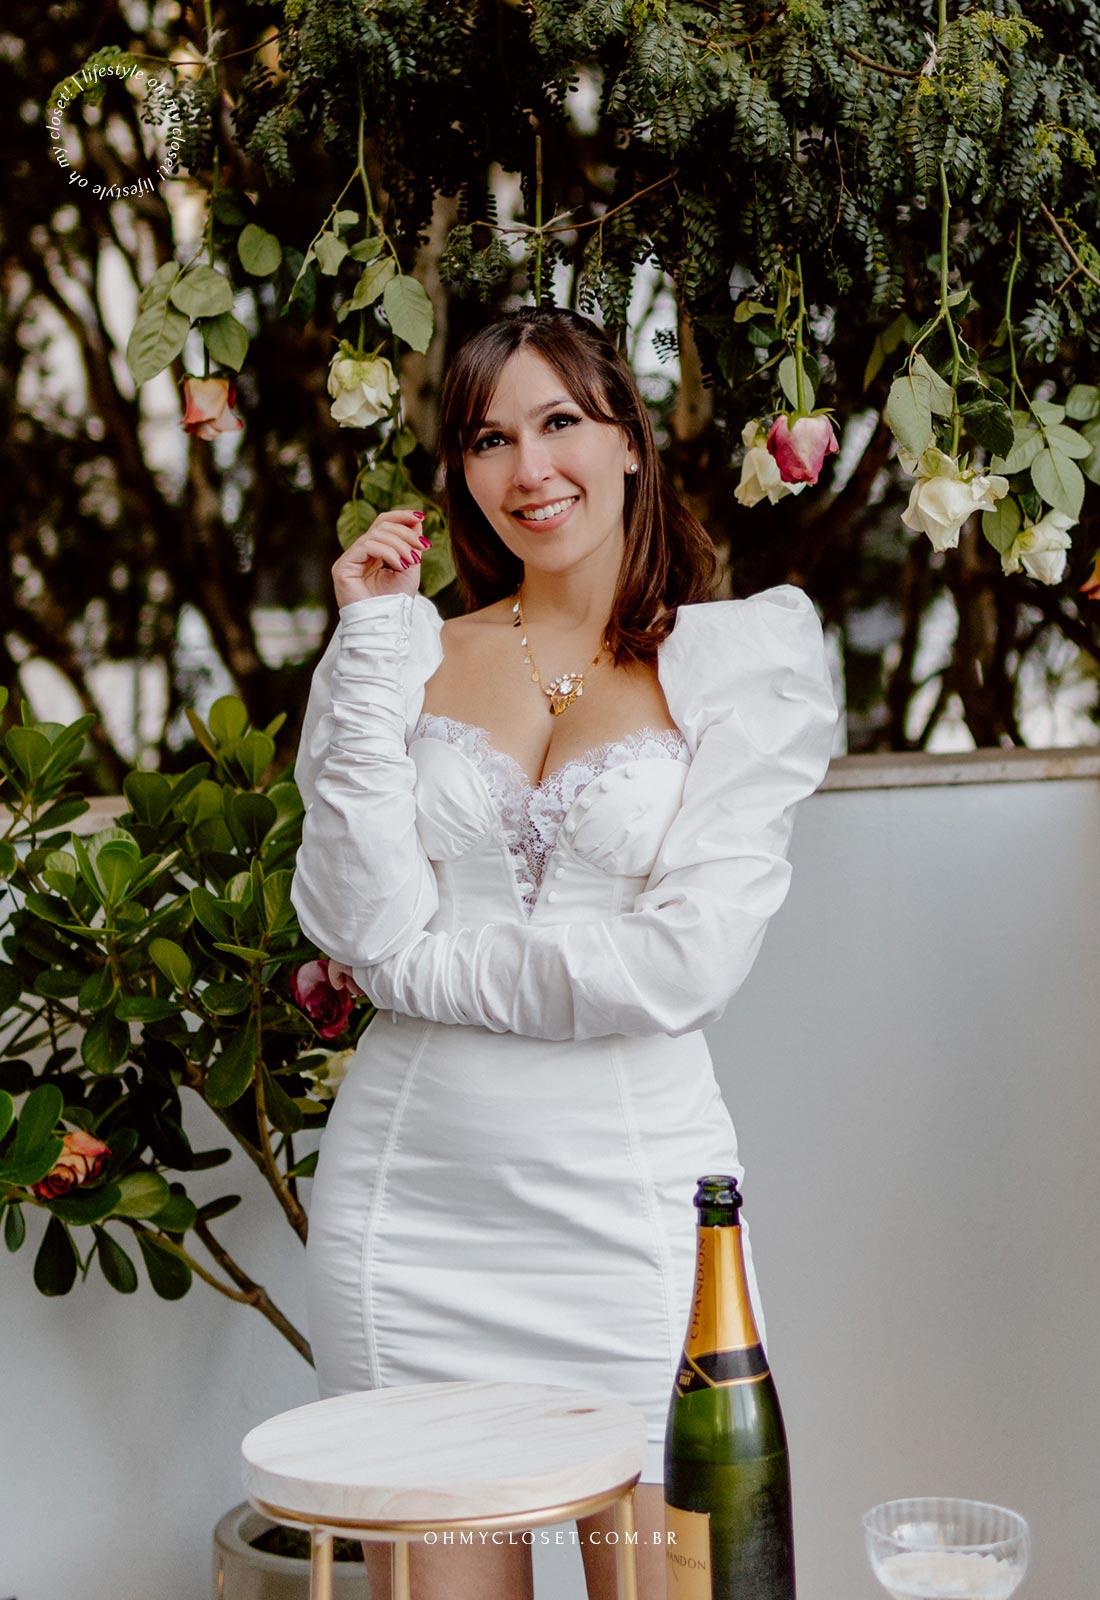 Monica Almeida, na comemoração de 10 anos do blog Oh My Closet!